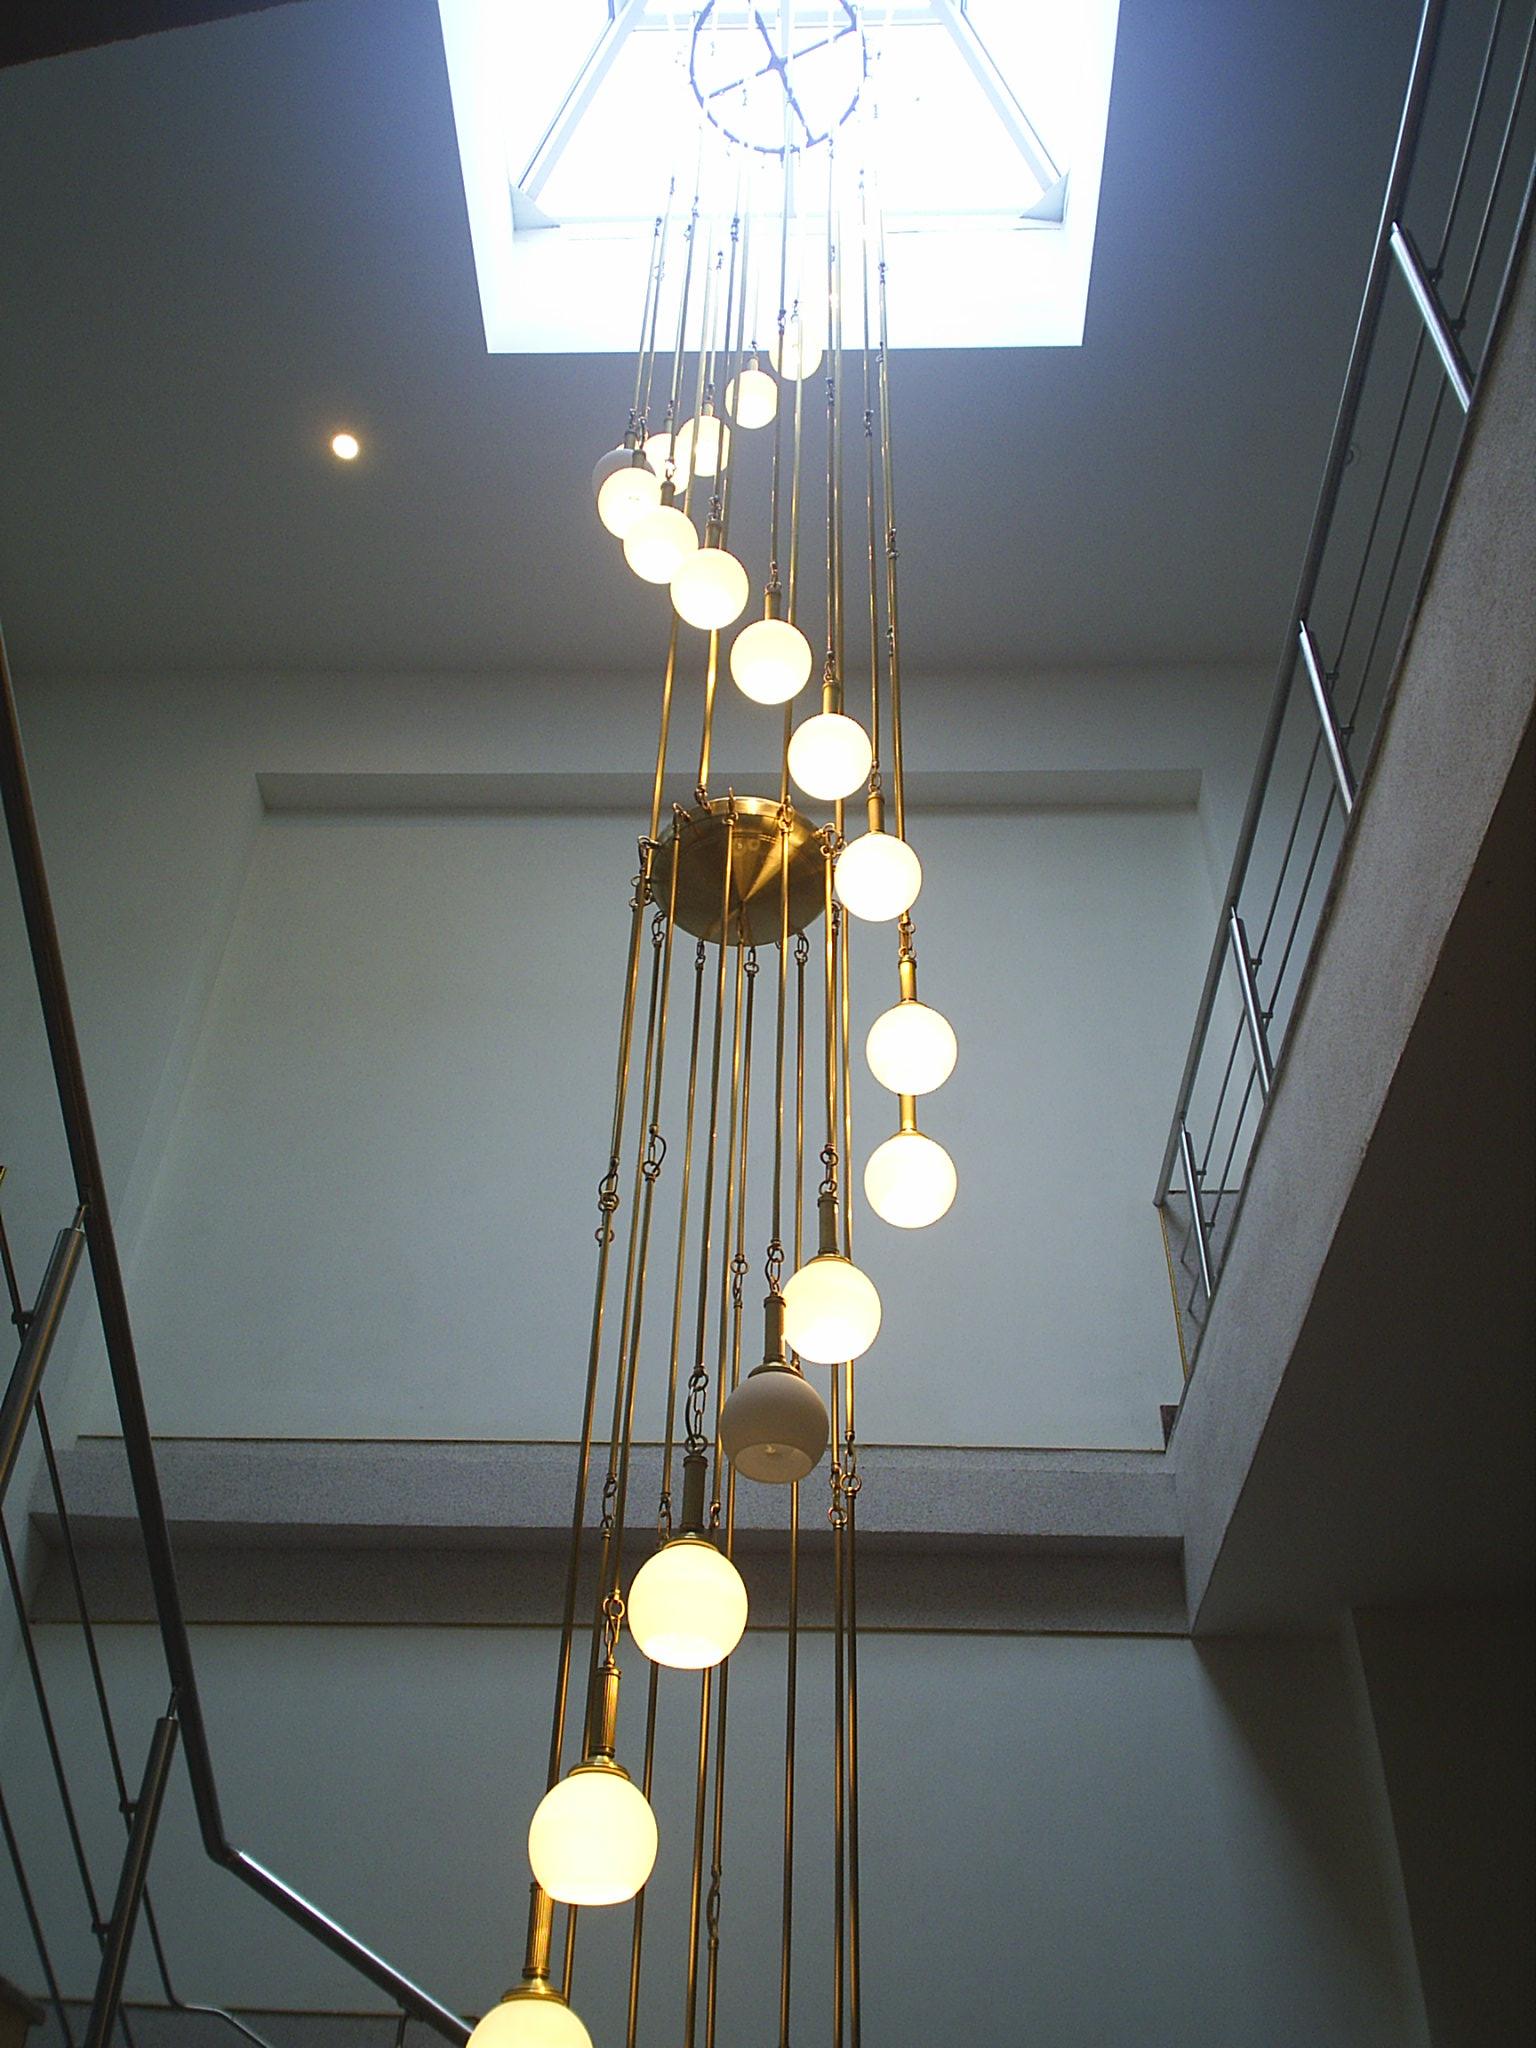 """Длинная люстра с шарами в лестничном пролете от фабрики """"Лампада"""" в здании Администрации г. Долгопрудный"""